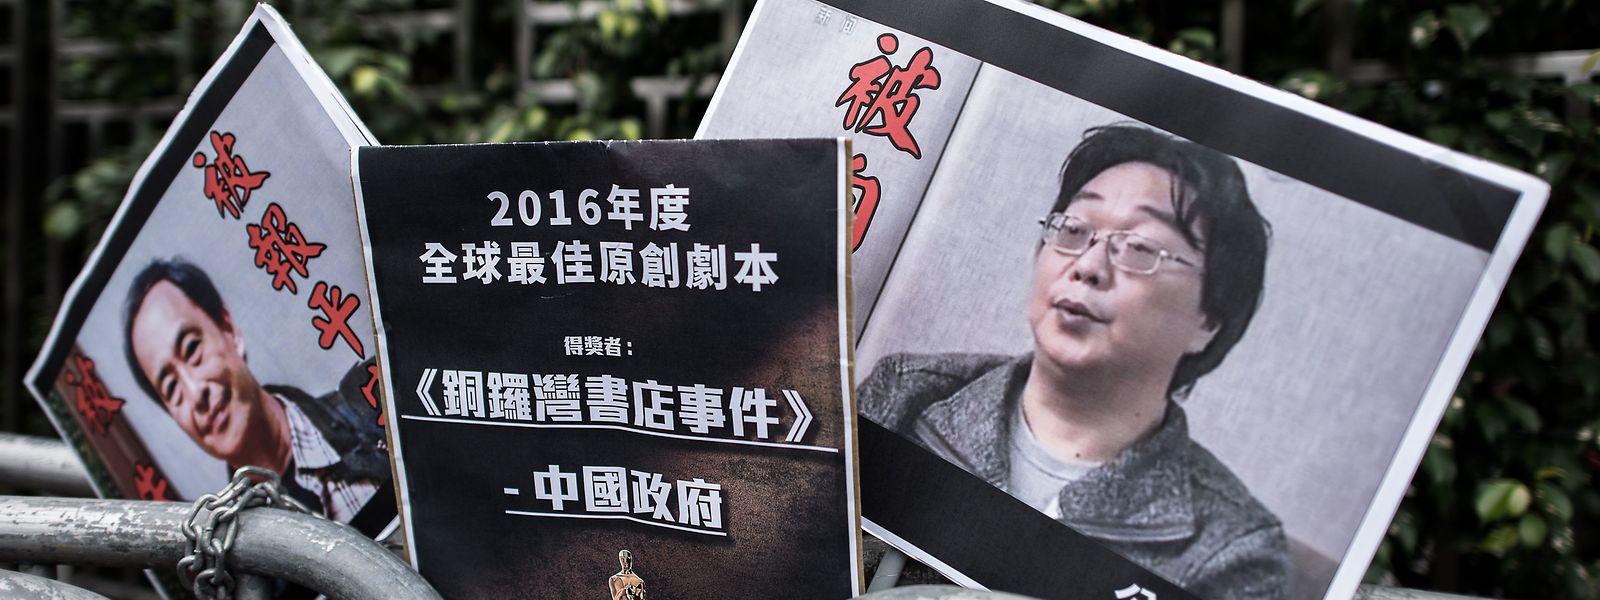 Die Protestplakate zeigen die im Jahr 2015 verschwundenen Verleger Lee Bo (l.) und Gui Minhai (r.). Gui wurde am Dienstag zu zehn Jahren Haft verurteilt.